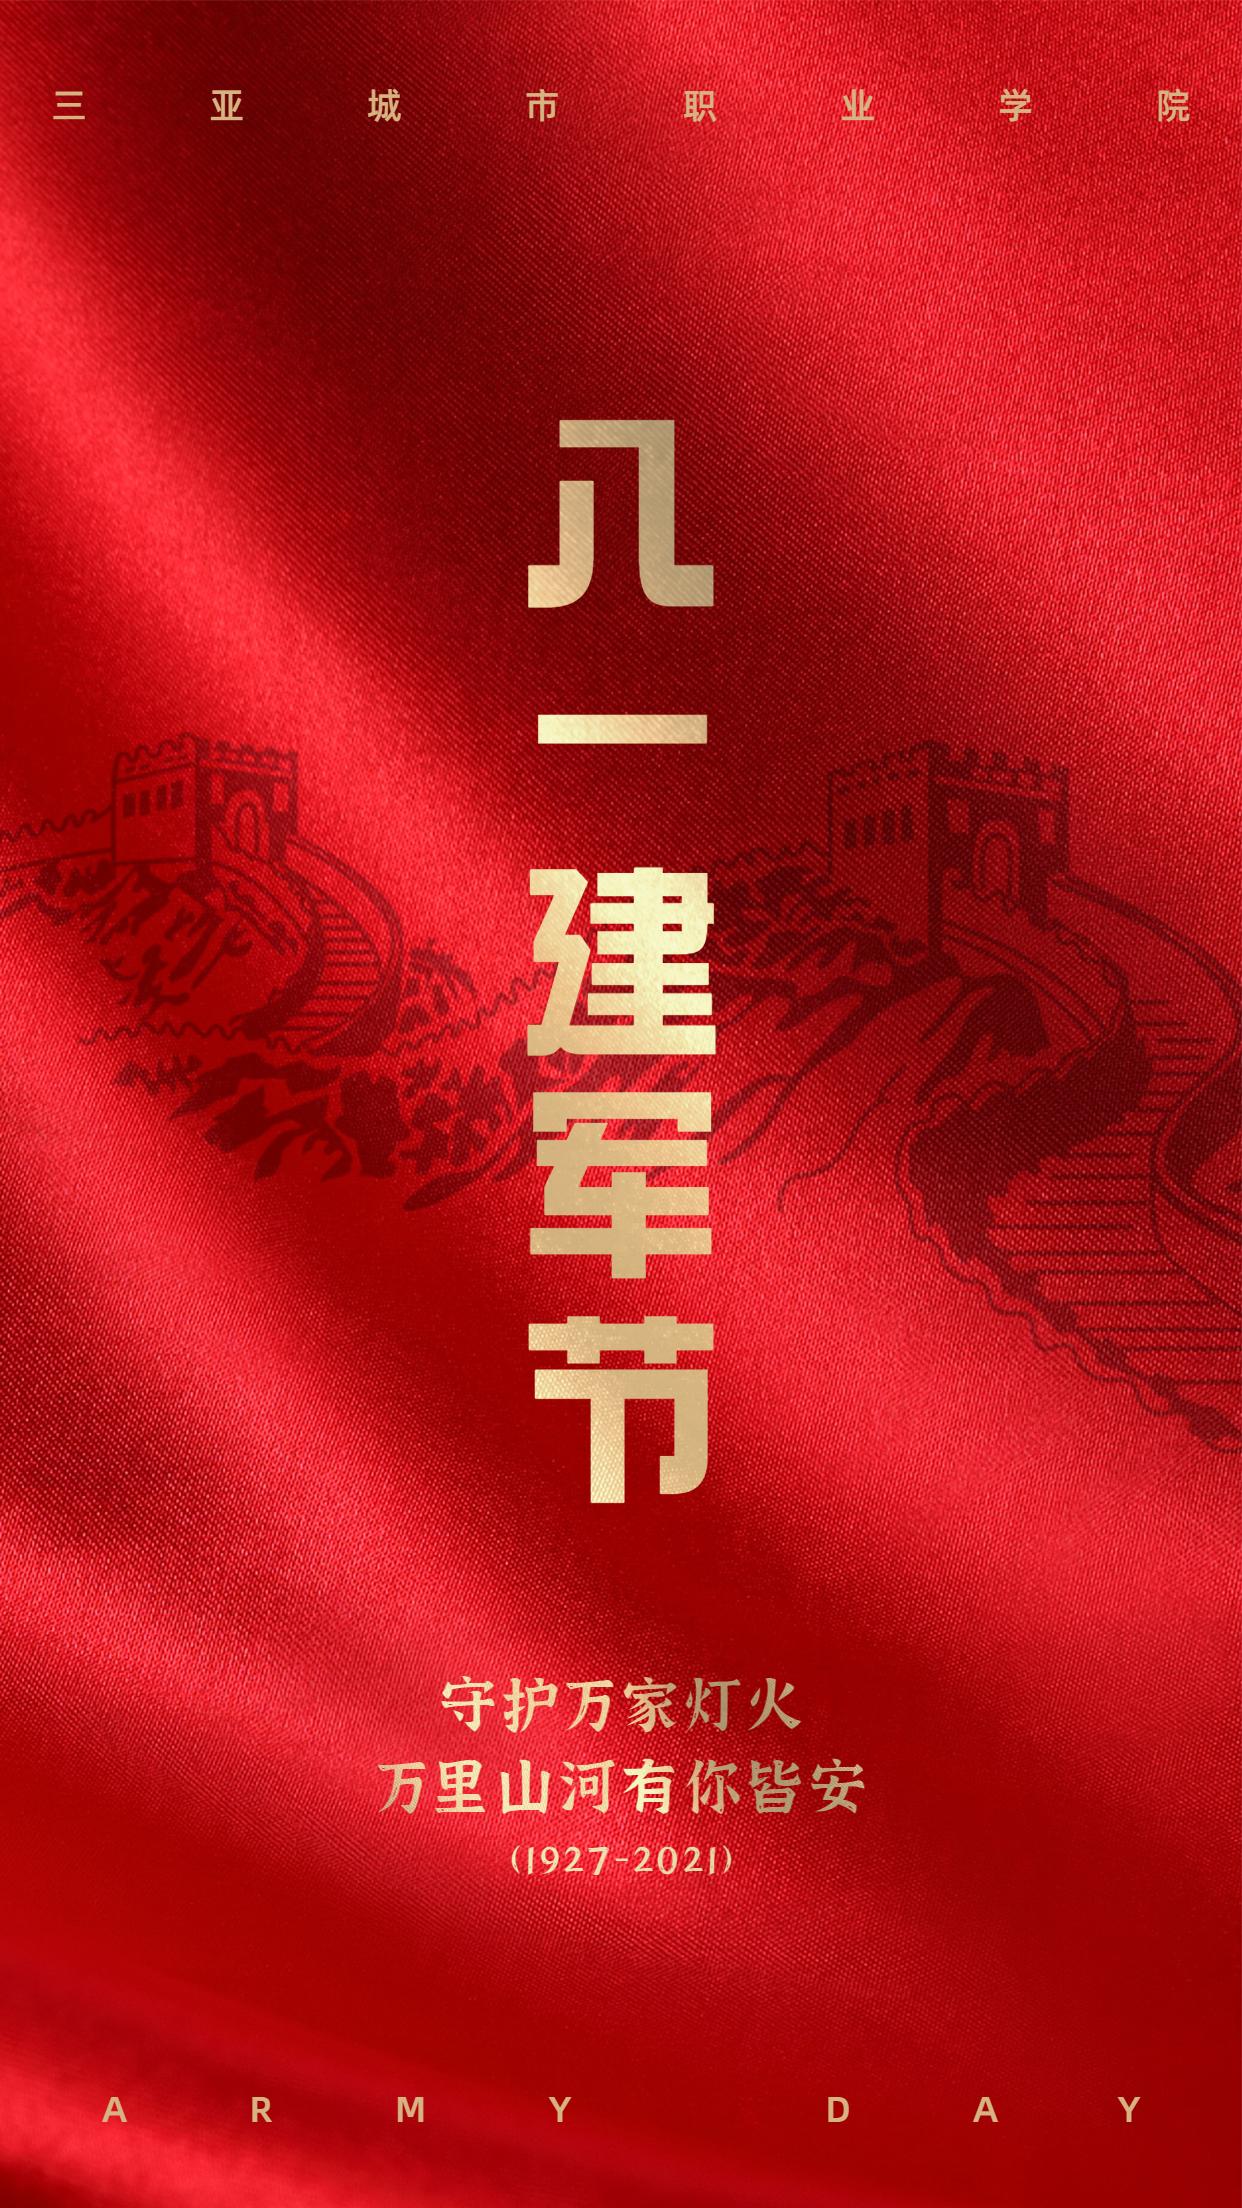 热烈庆祝中国人民解放军建军94周年!